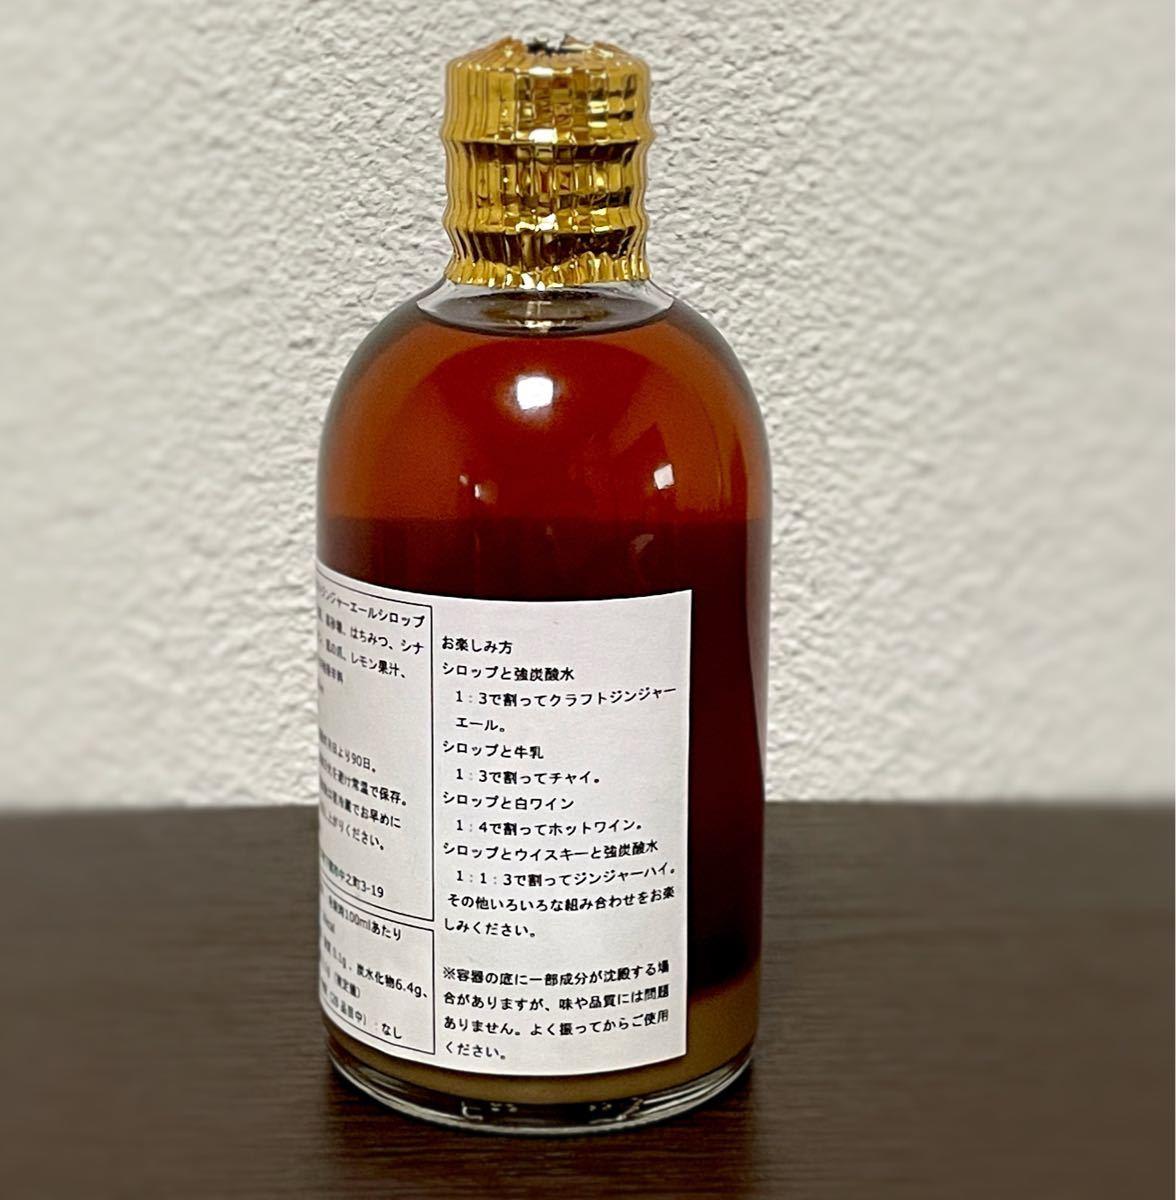 KARATO Ginger Ale 自家製 クラフト ジンジャーエール シロップ 手作り ジンジャーハイ モスコミュール